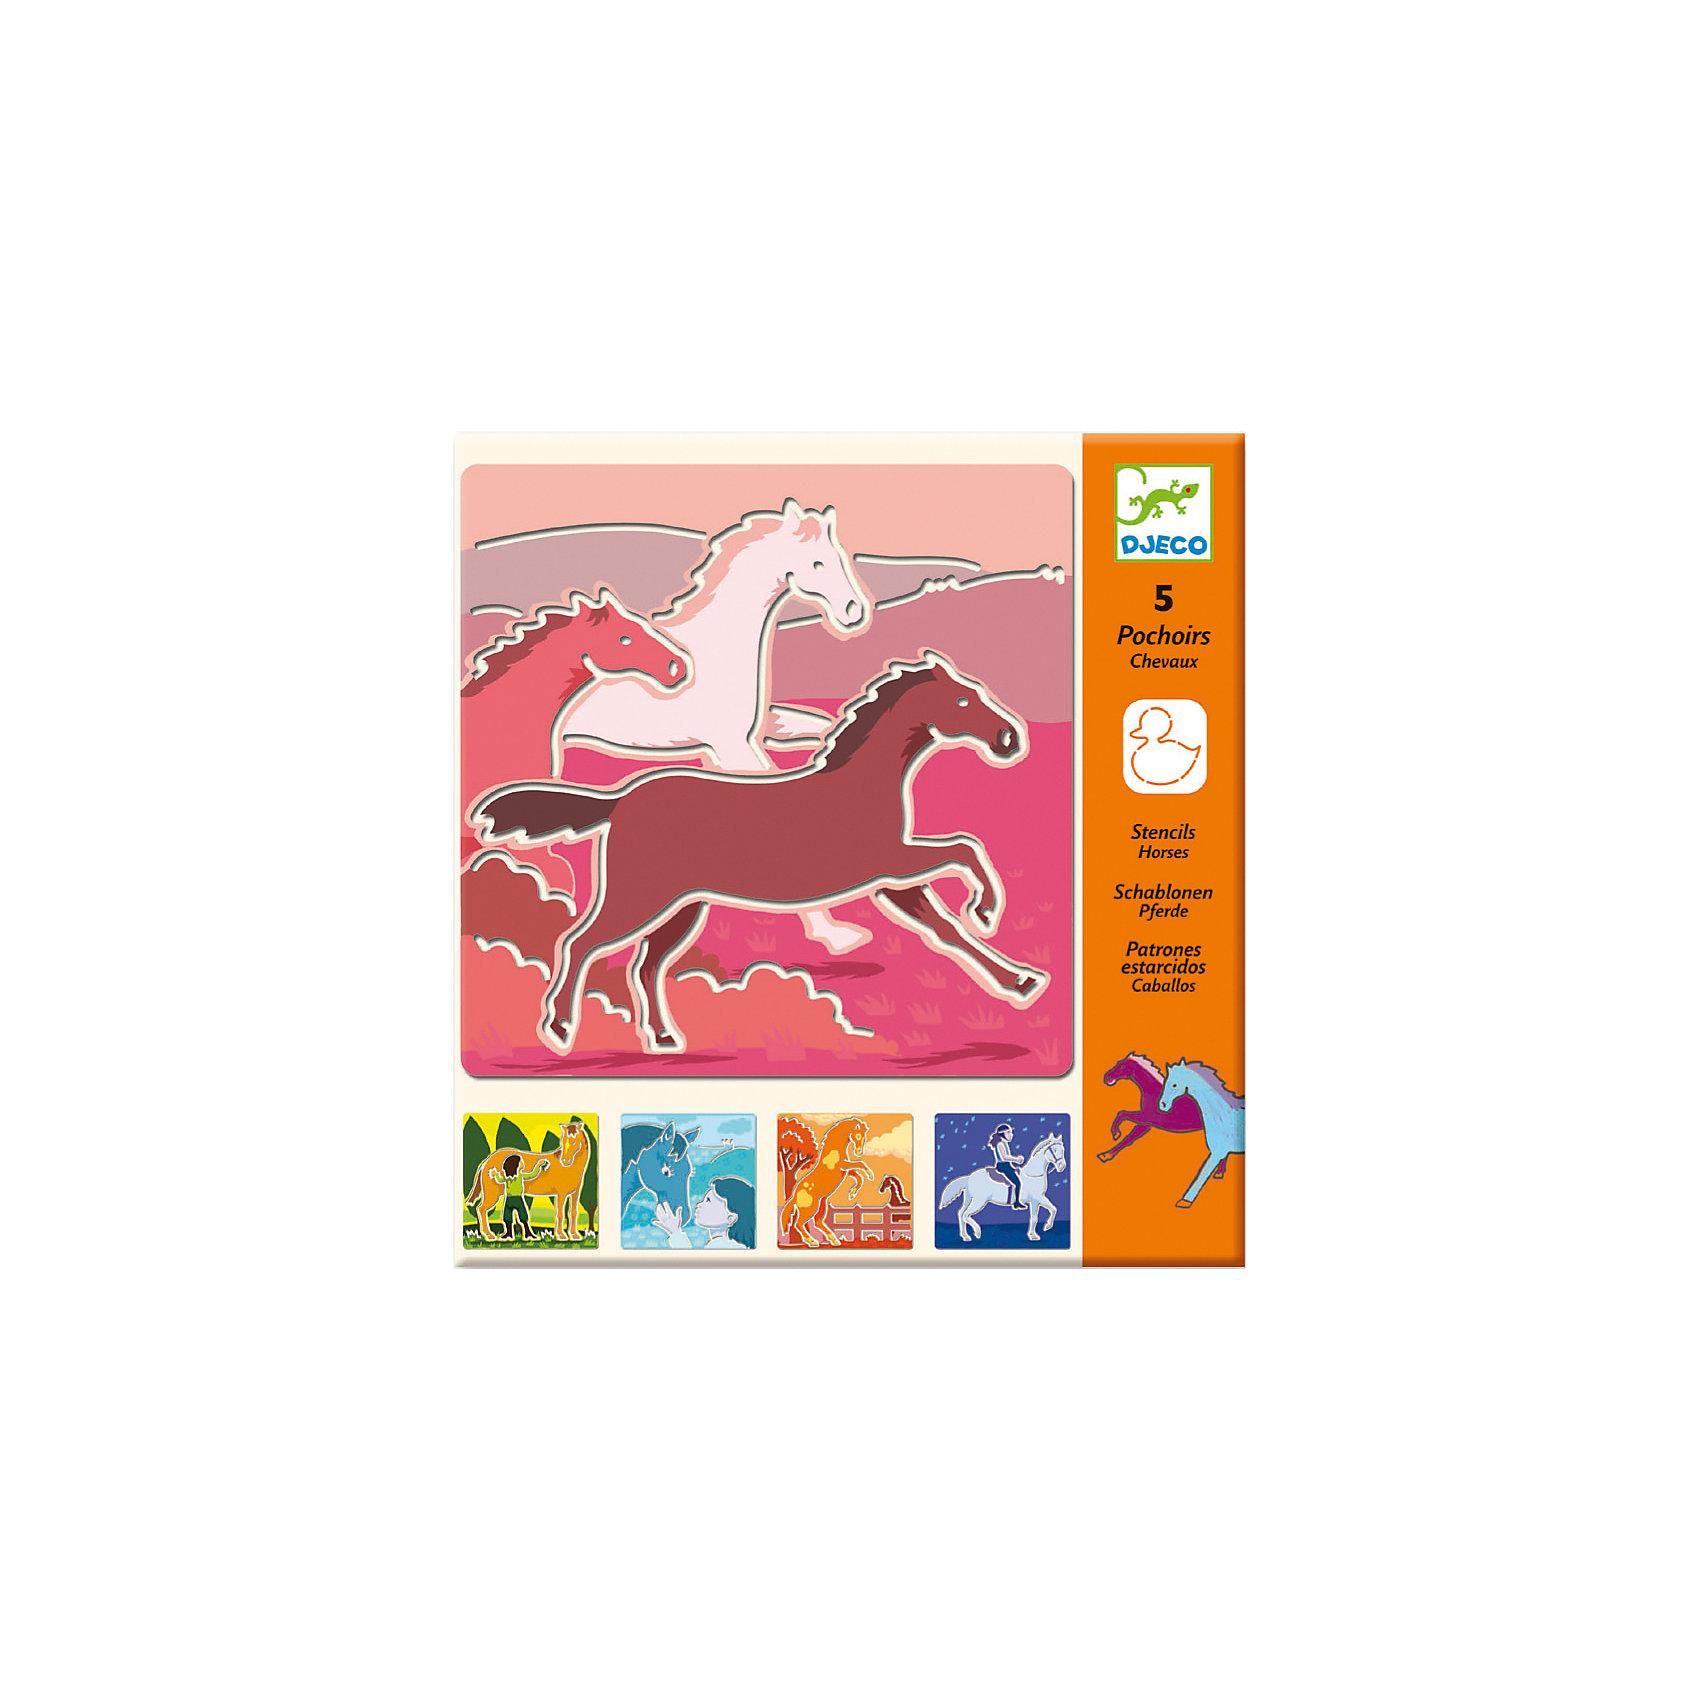 DJECO Набор трафаретов ЛошадиНабор состоит из 5 трафаретов, изображающих лошадей.<br><br>Просто обведите фигуры по контуру карандашом или фламастером и раскрасте их по желанию. И каждый раз у вас будет получаться новая веселая картинка, которую можно повесить в рамку, или украсить ею тетрадку. <br><br>Дополнительная информация:<br><br>Размеры упаковки (д/ш/в): 23 х 0,2 х 21,5 см.<br><br>Отличный подарок для детей, которым очень нравятся лошади!<br><br>DJECO (Джеко) Набор трафаретов Лошади можно купить в нашем магазине.<br><br>Ширина мм: 230<br>Глубина мм: 2<br>Высота мм: 215<br>Вес г: 100<br>Возраст от месяцев: 72<br>Возраст до месяцев: 108<br>Пол: Женский<br>Возраст: Детский<br>SKU: 2200033